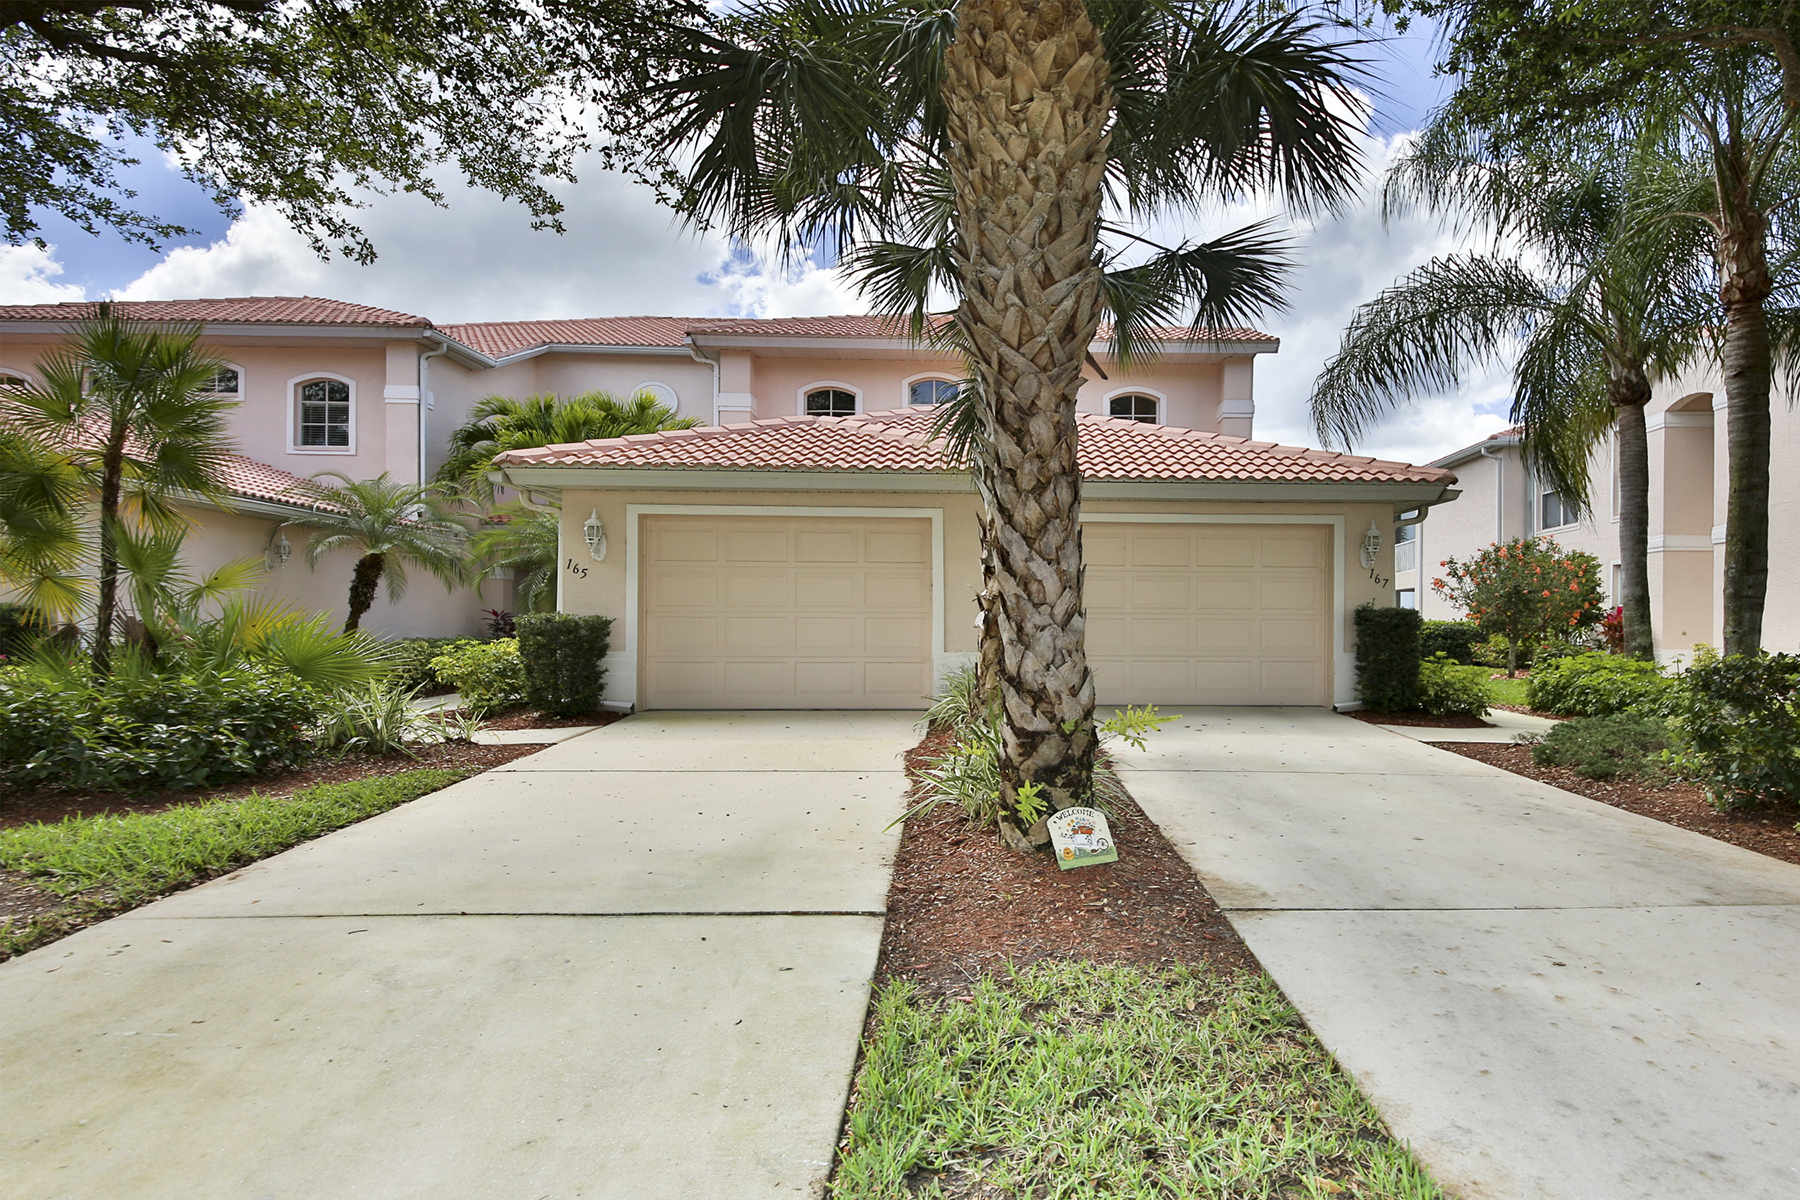 共管式独立产权公寓 为 销售 在 HERITAGE GREENS - COLONIAL LINKS 1945 Crestview Way 167 Naples, 佛罗里达州 34119 美国